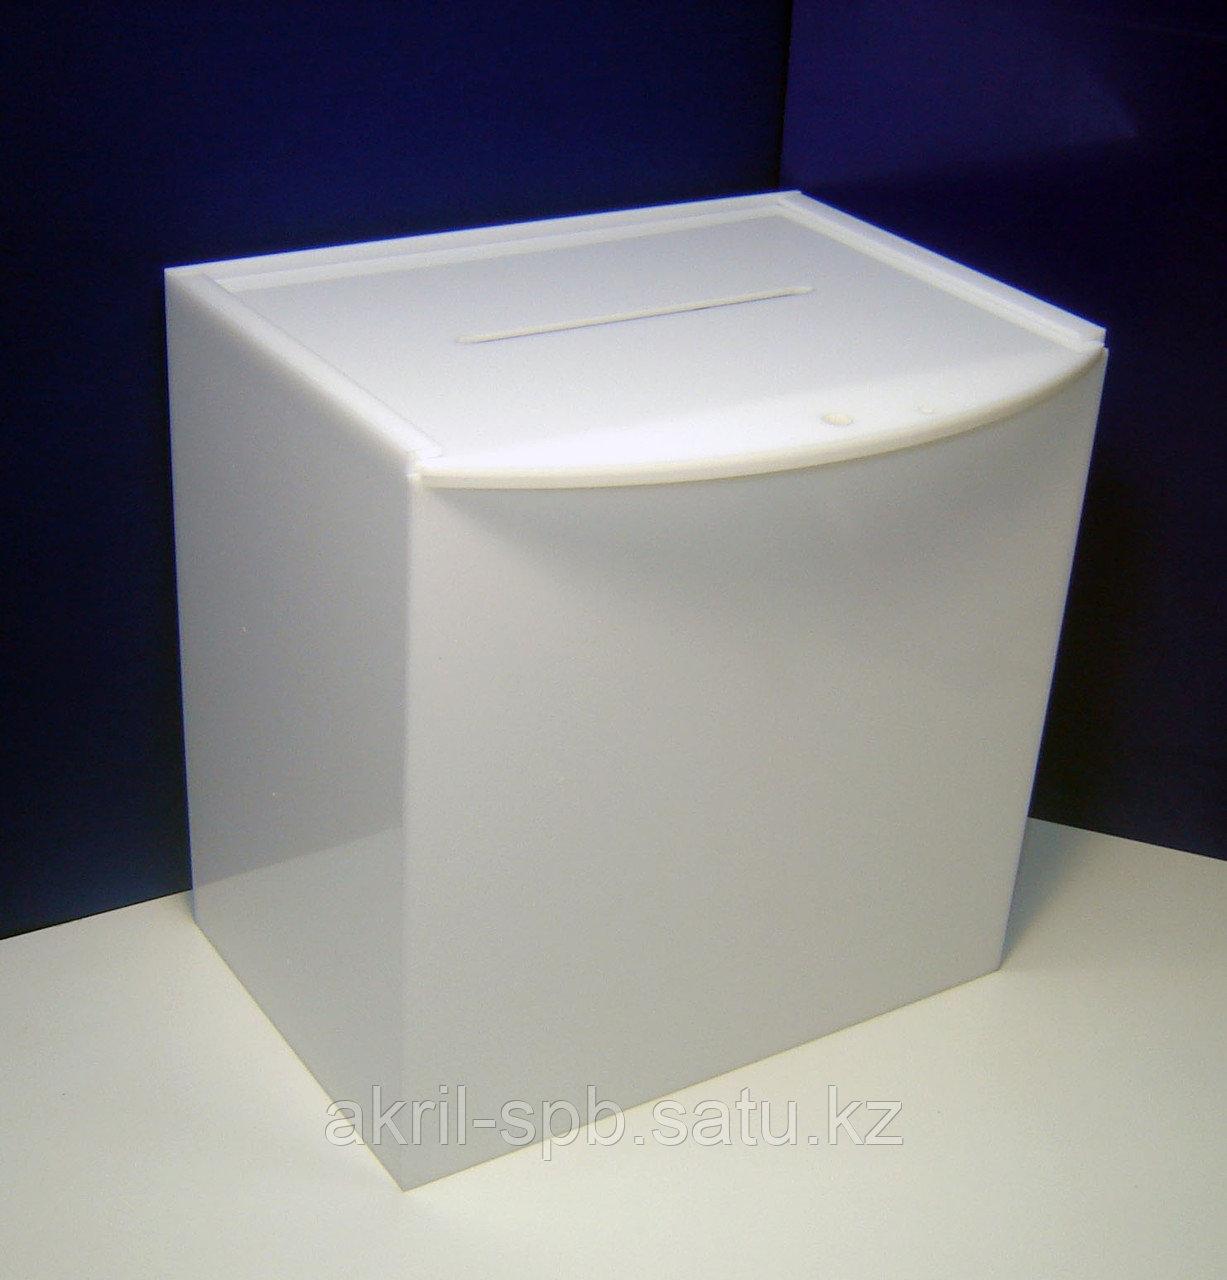 Ящик для анкет 300х200х300, оргстекло 3мм молочное